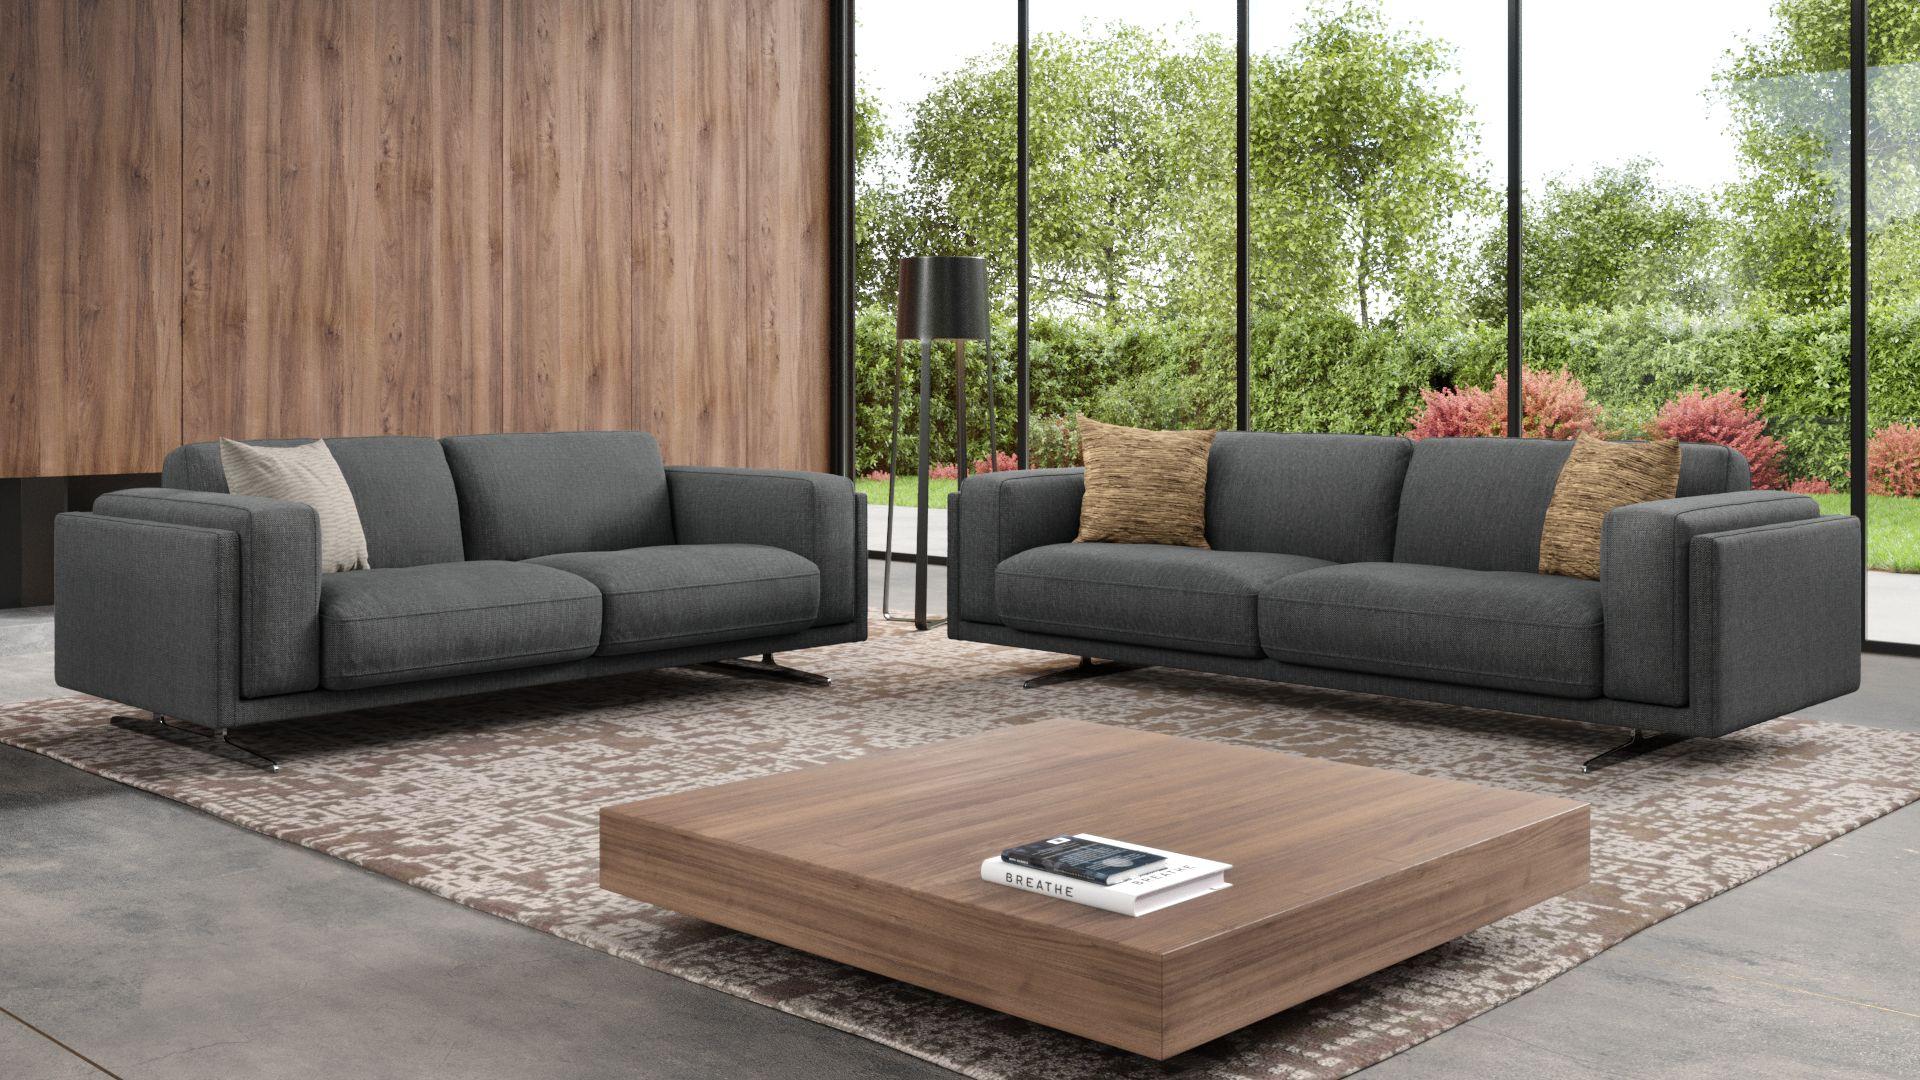 Stoff 2-Sitzer Sofa BELLANTE